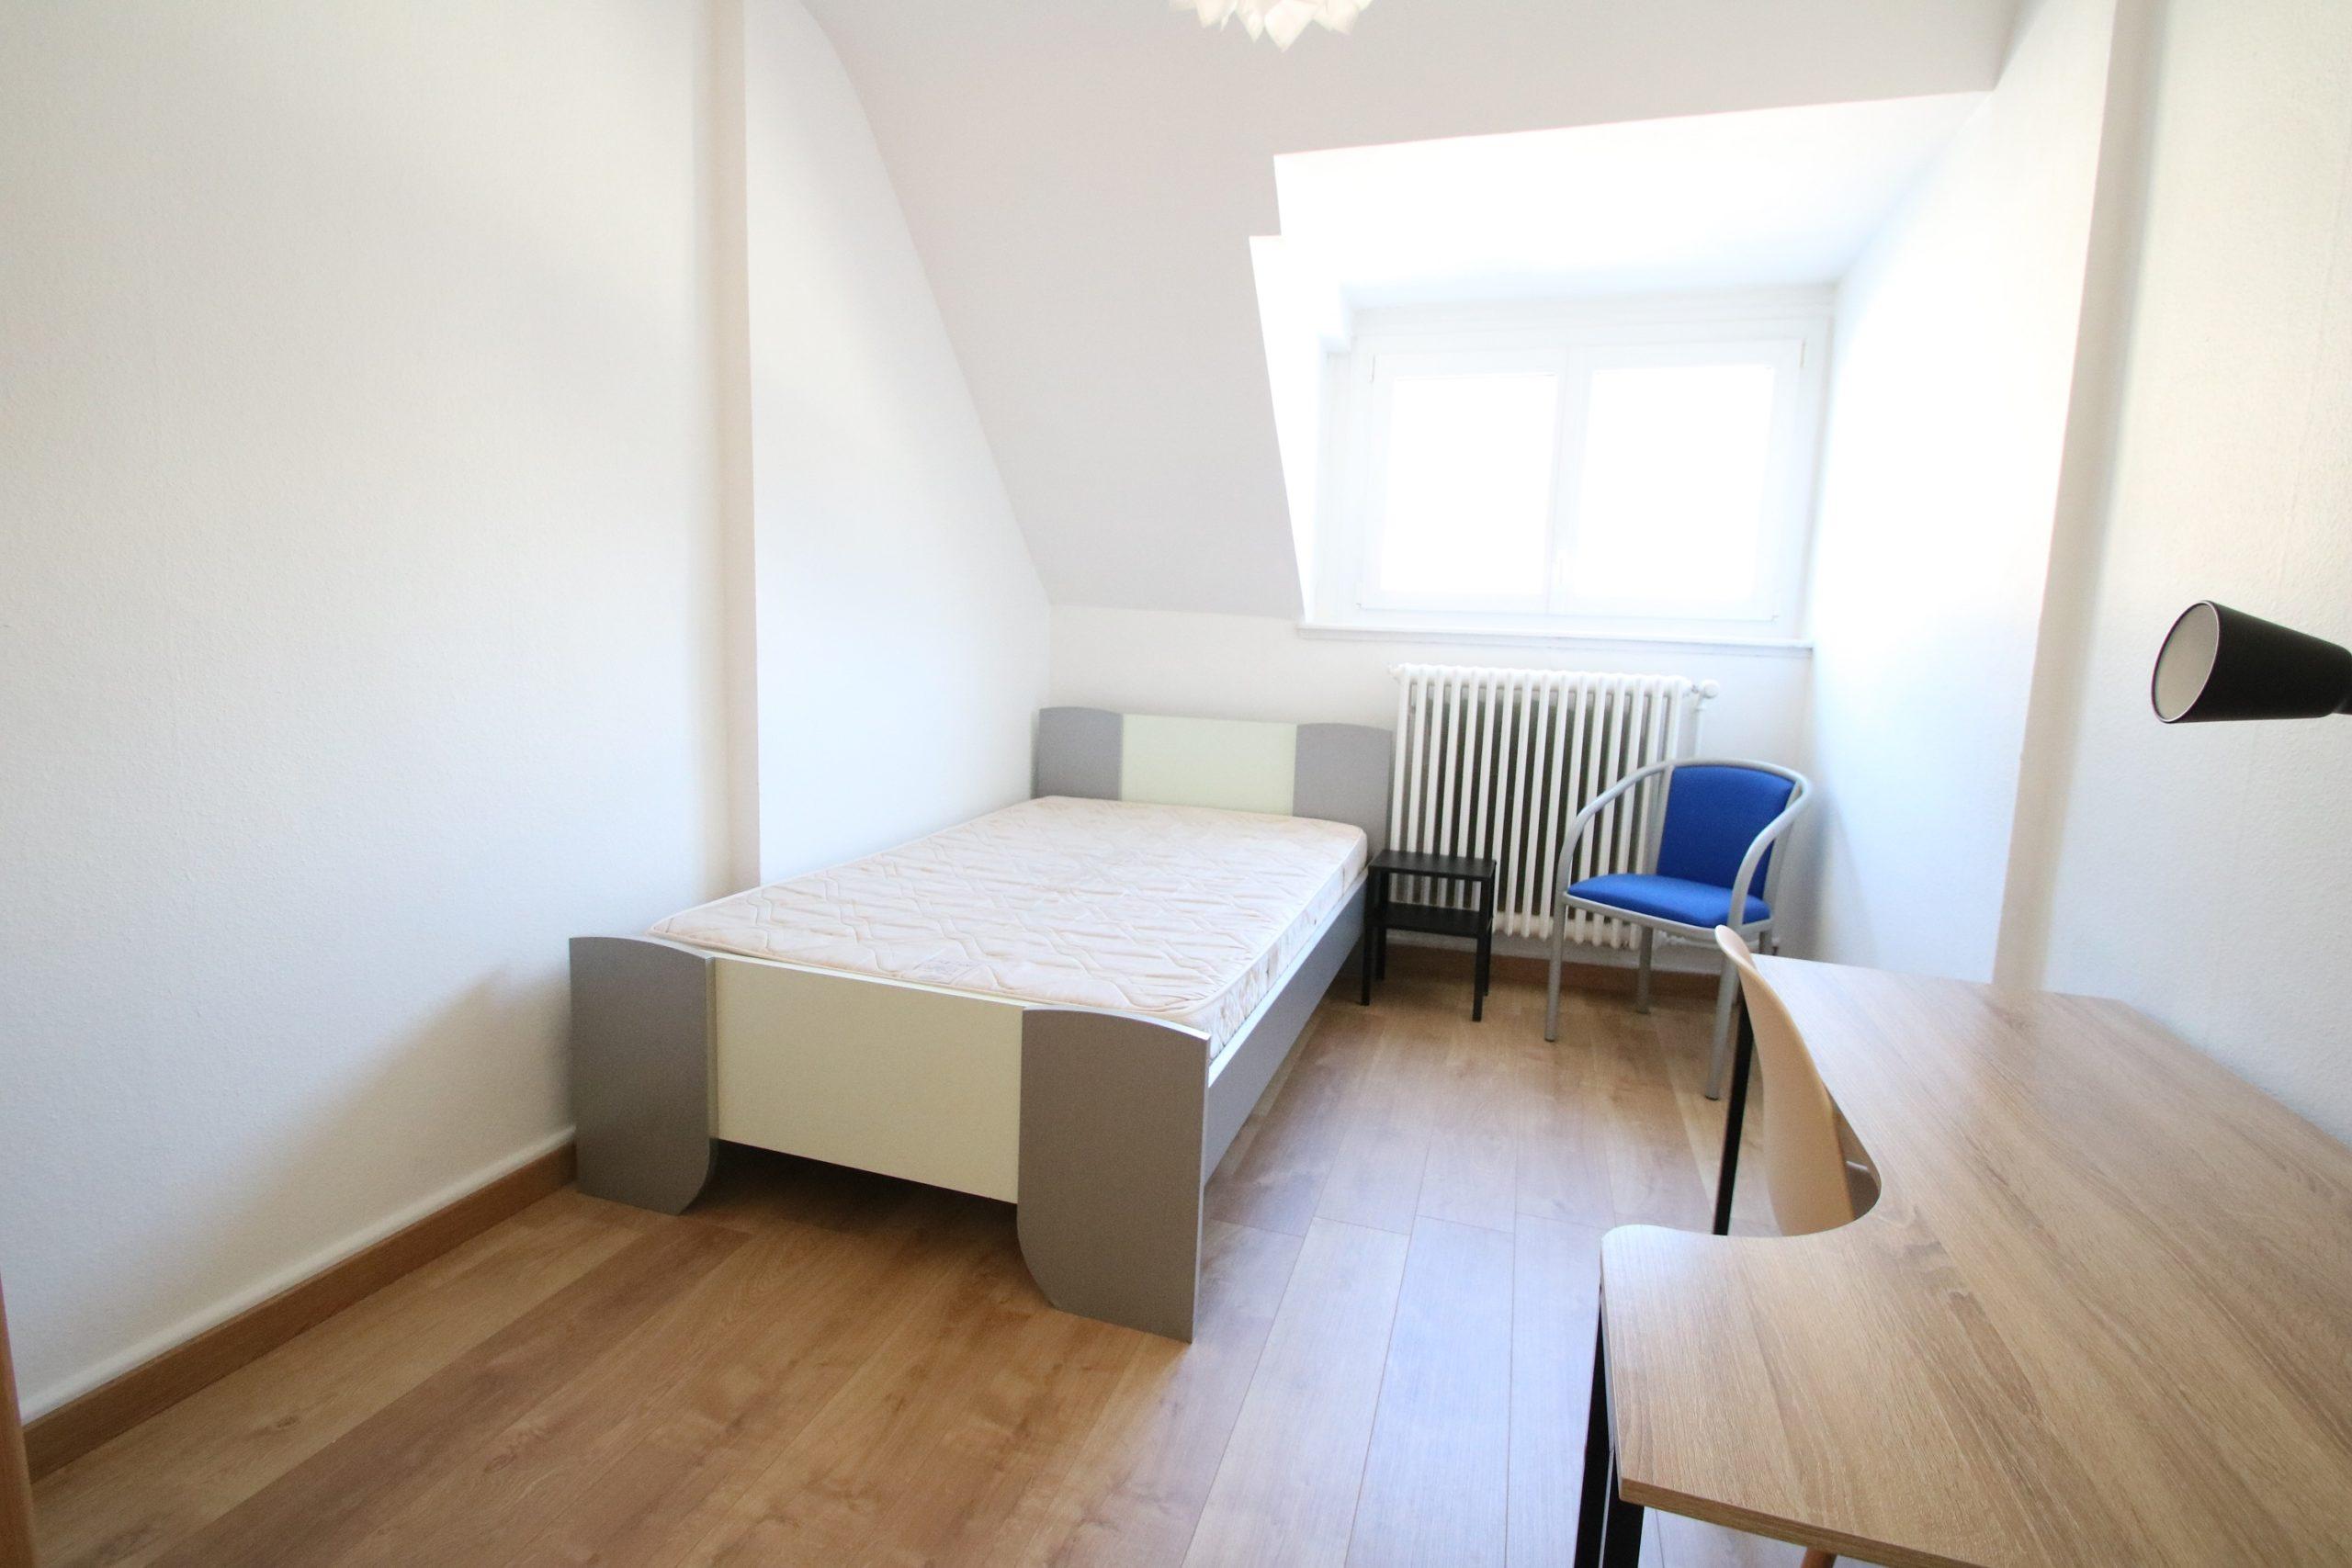 Chambre étudiant 9.69m² meublé Quartier Université